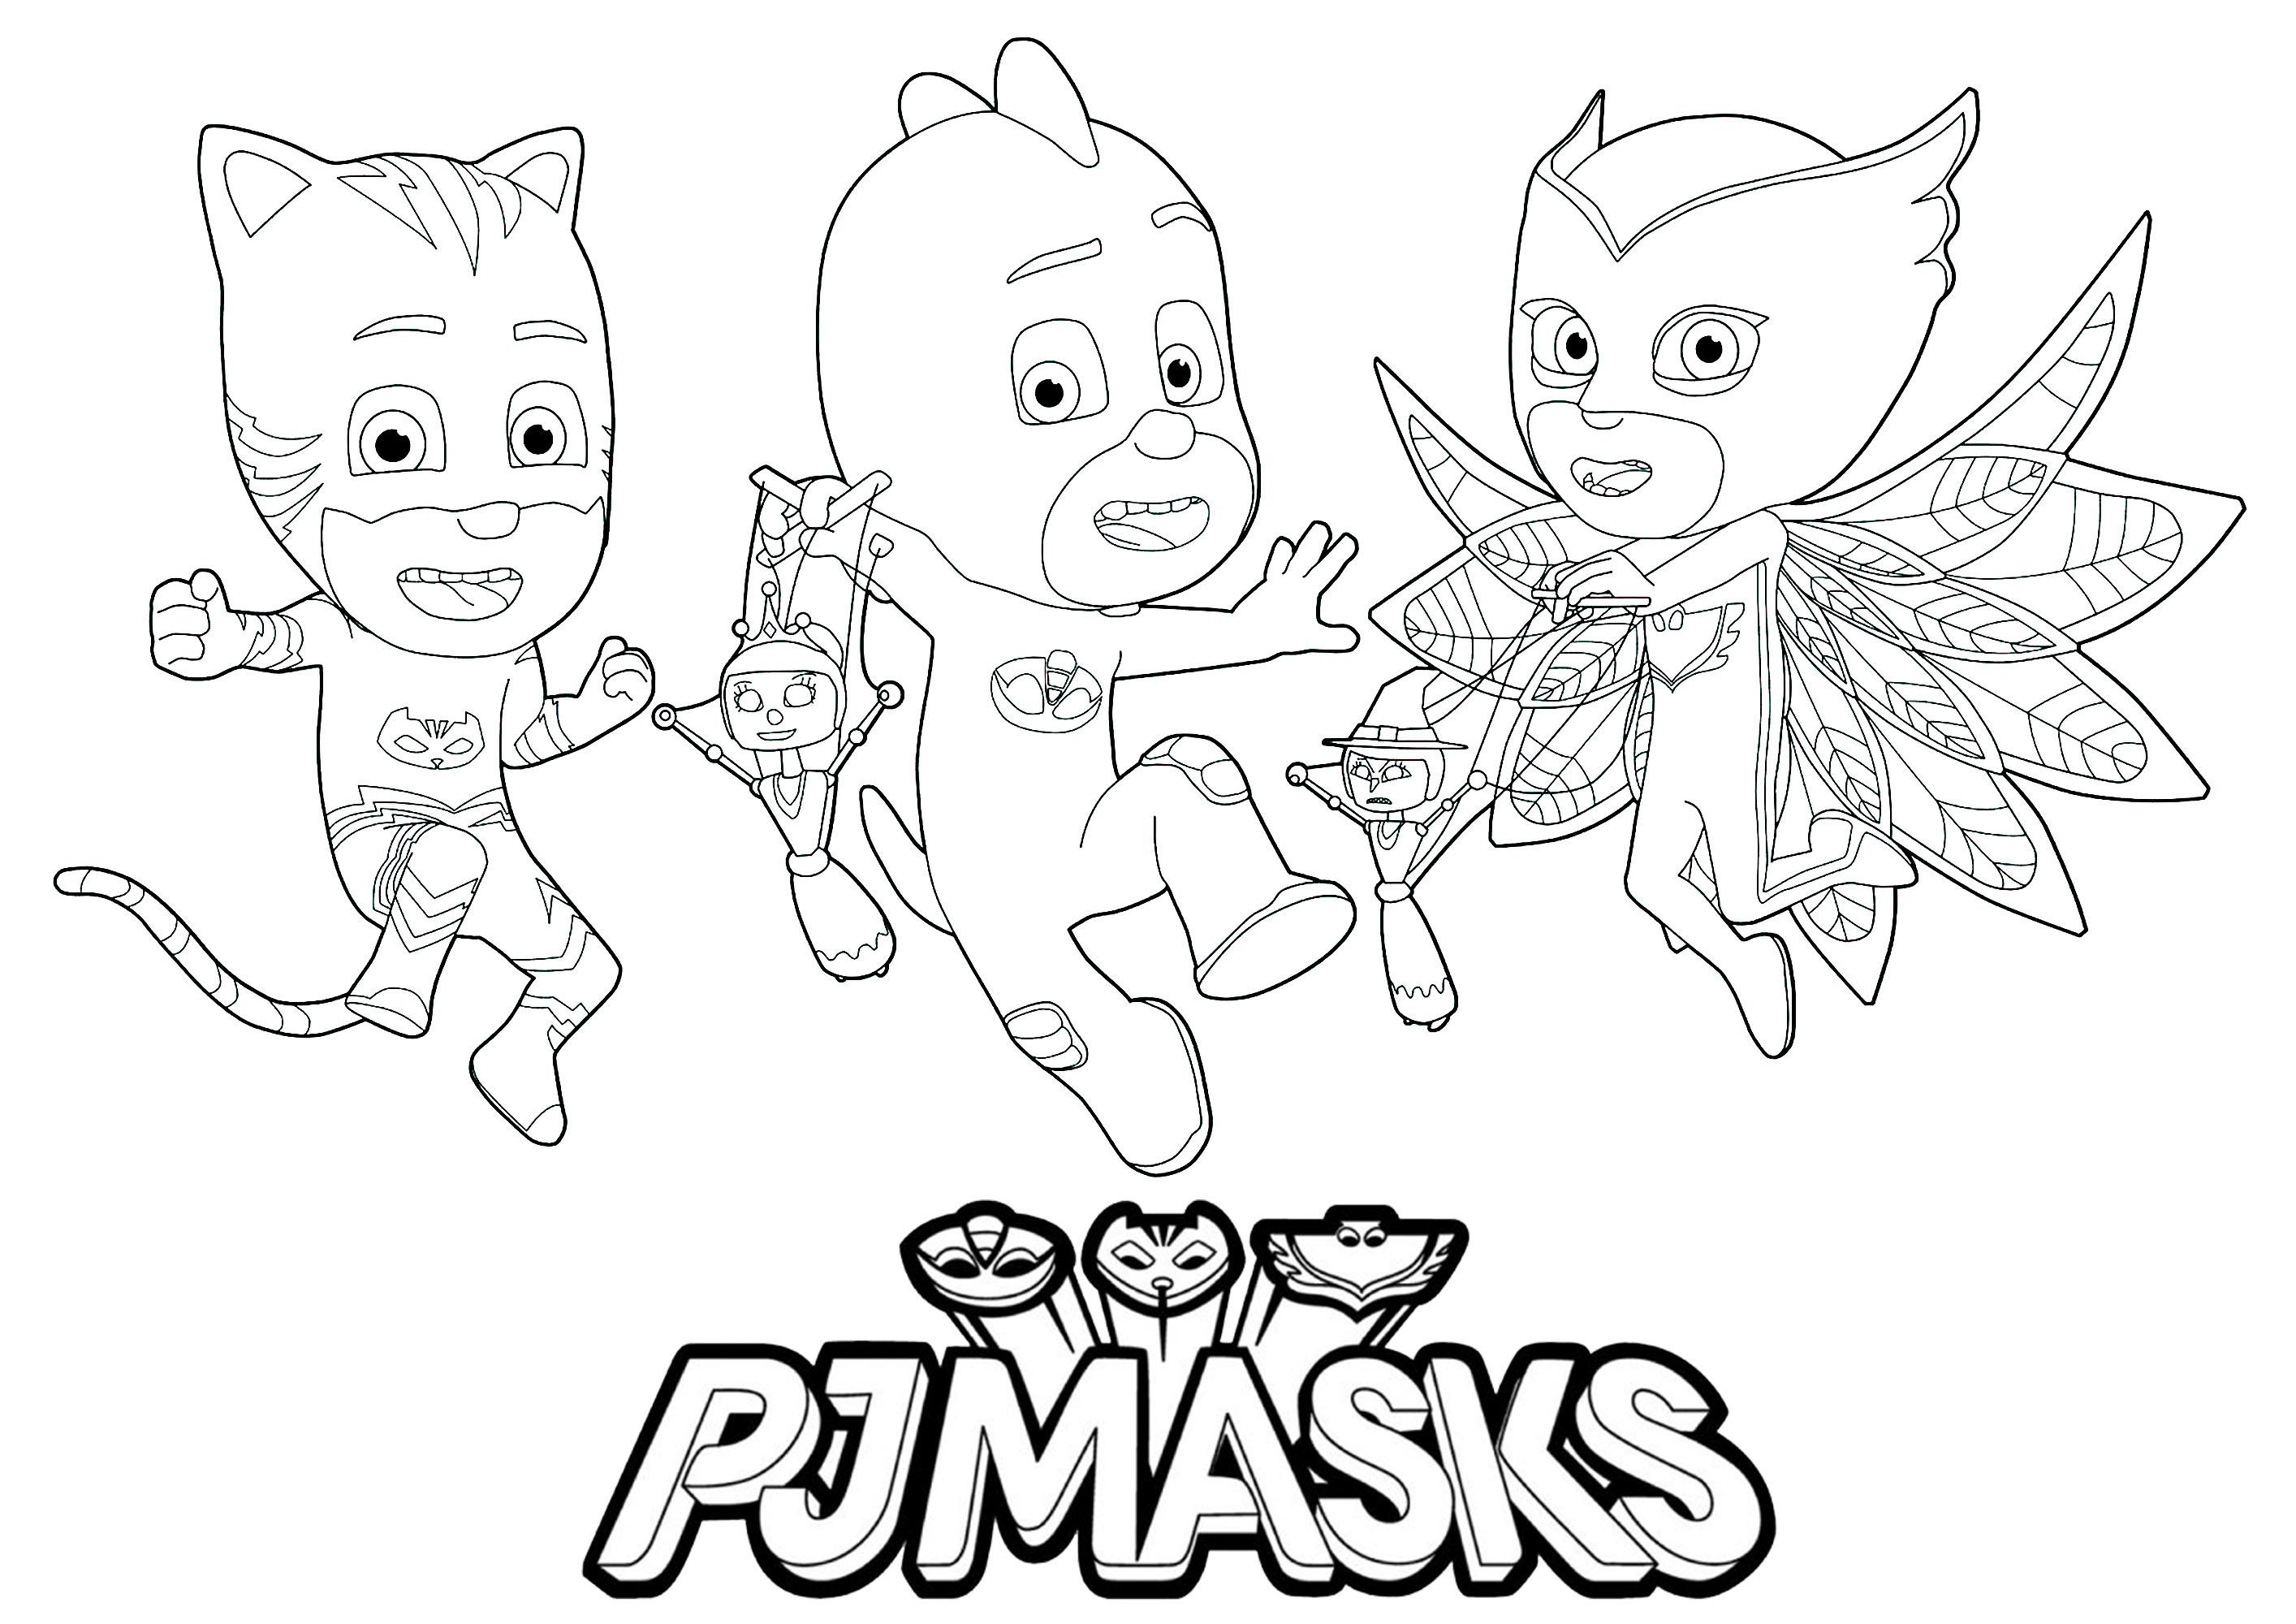 Pj masks logo et 3 personnages coloriage pj masks - Disney junior coloriage ...